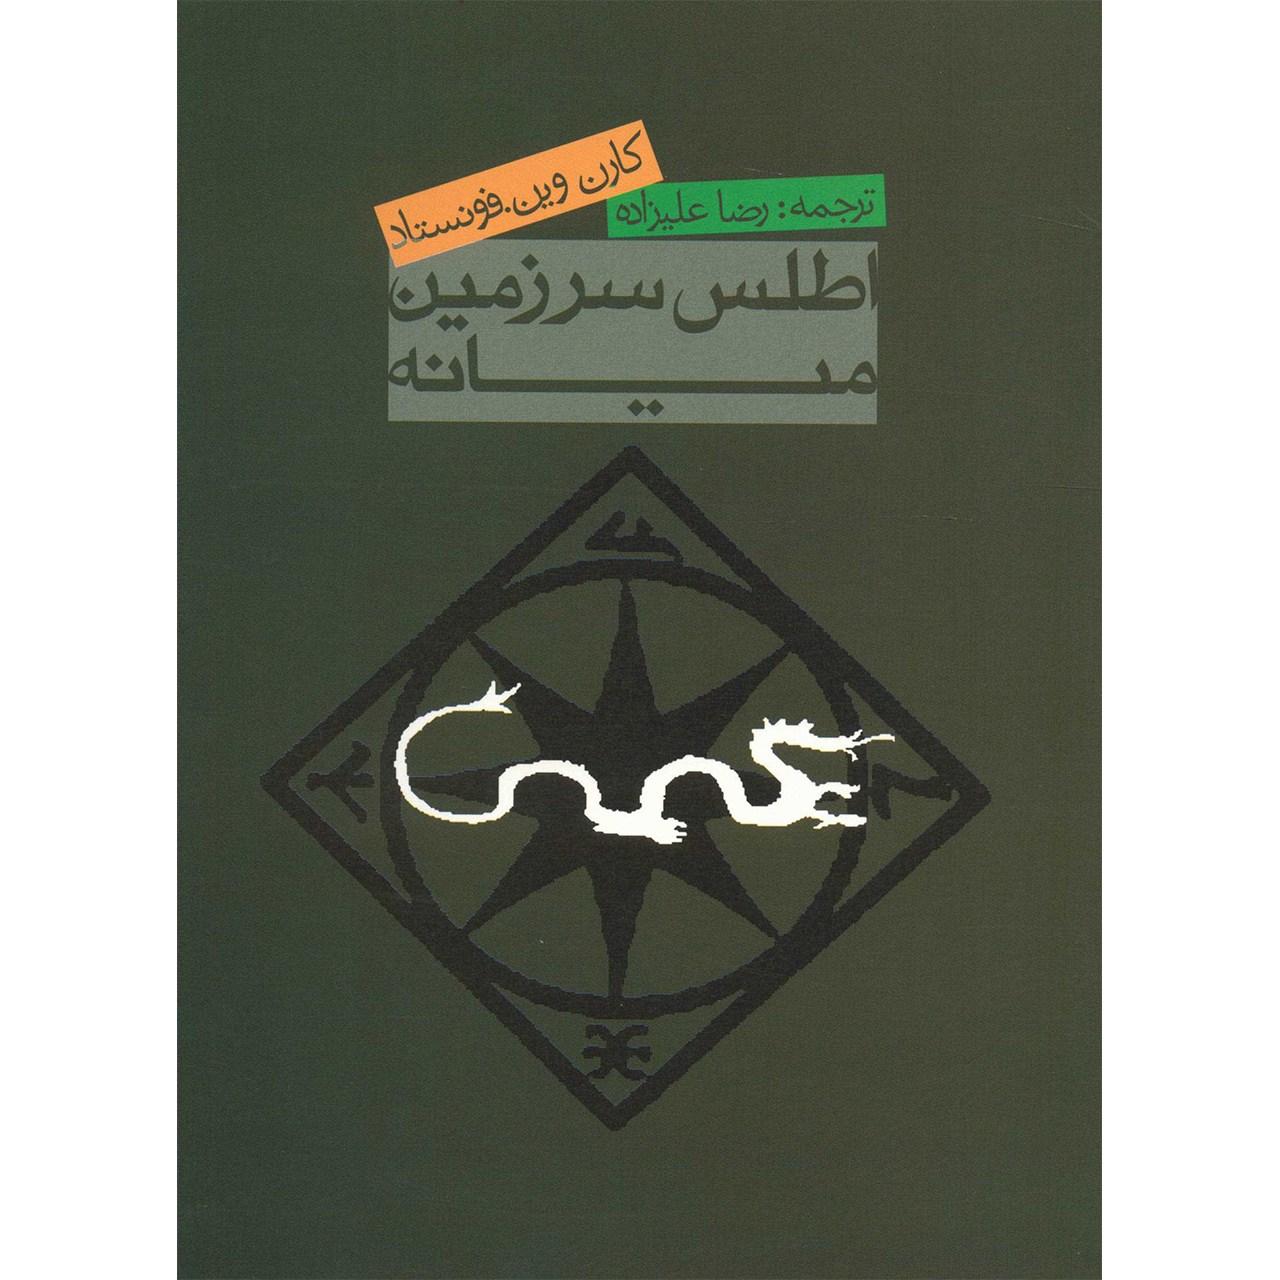 خرید                      کتاب اطلس سرزمین میانه اثر کارن وین فوستاد